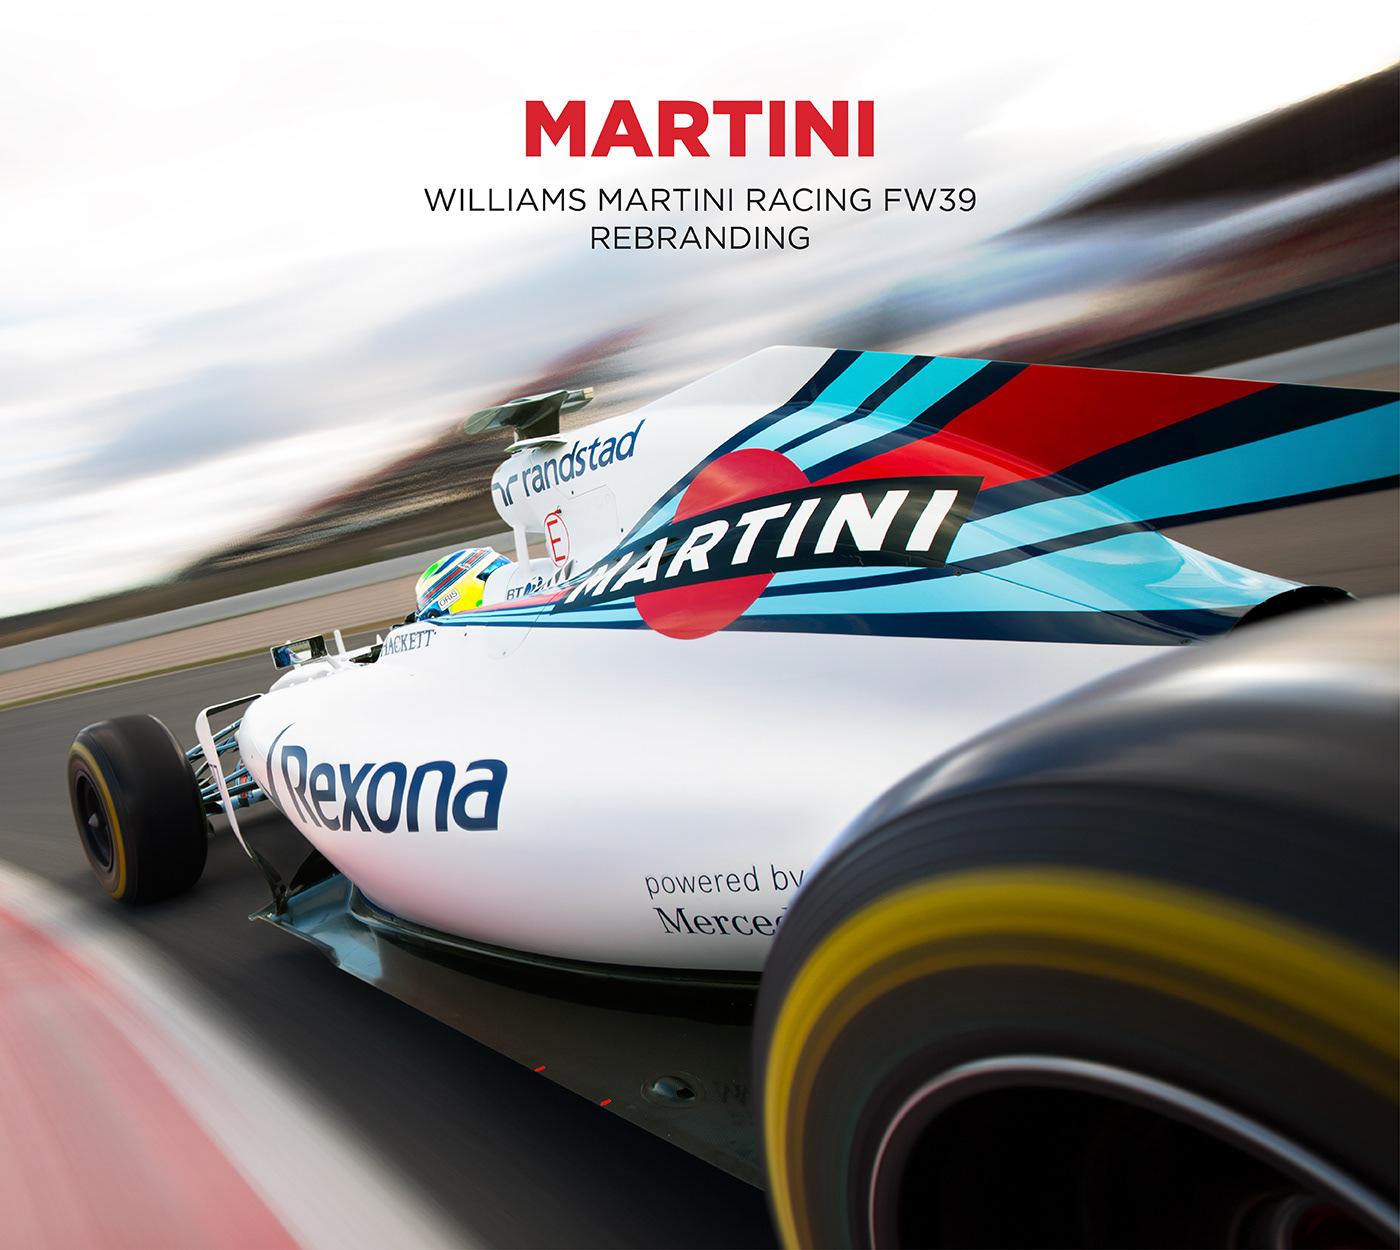 Williams Martini Racing FW39 Rebranding